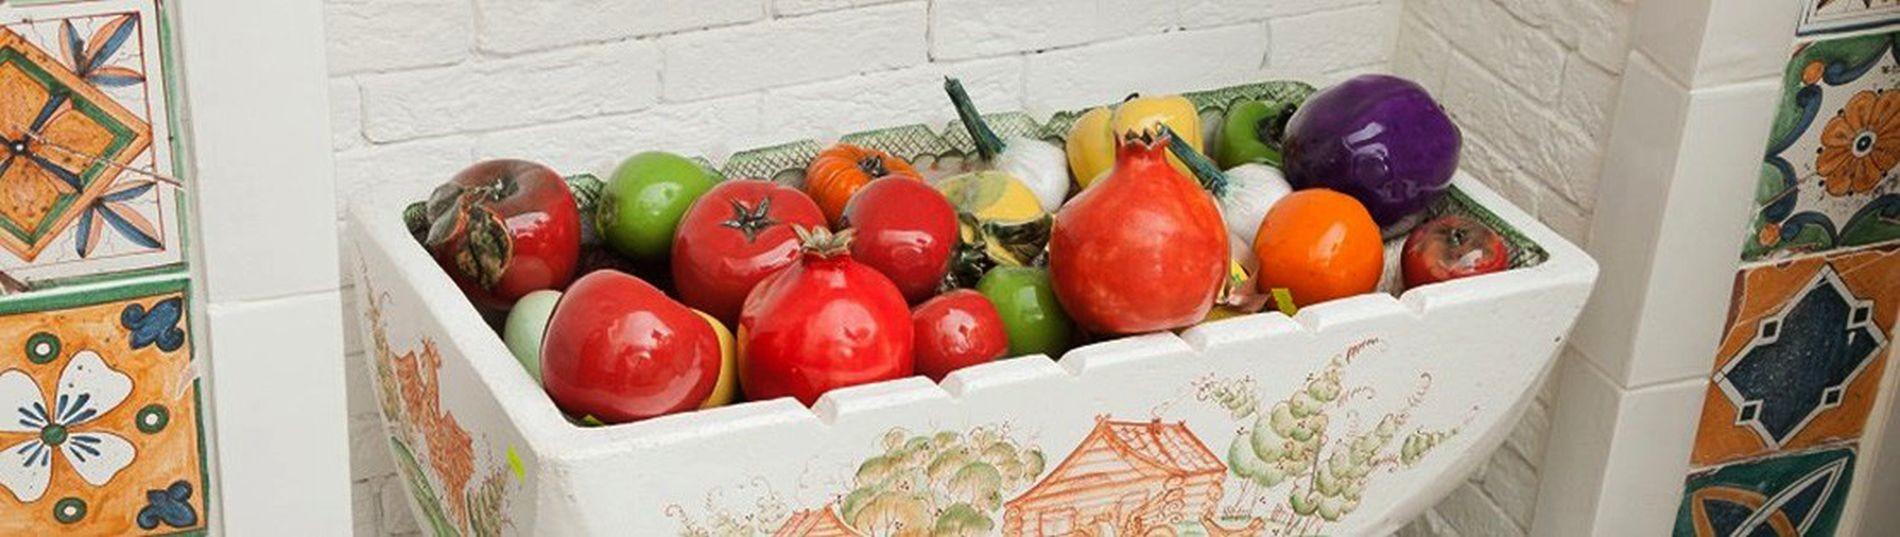 Керамические фрукты и овощи